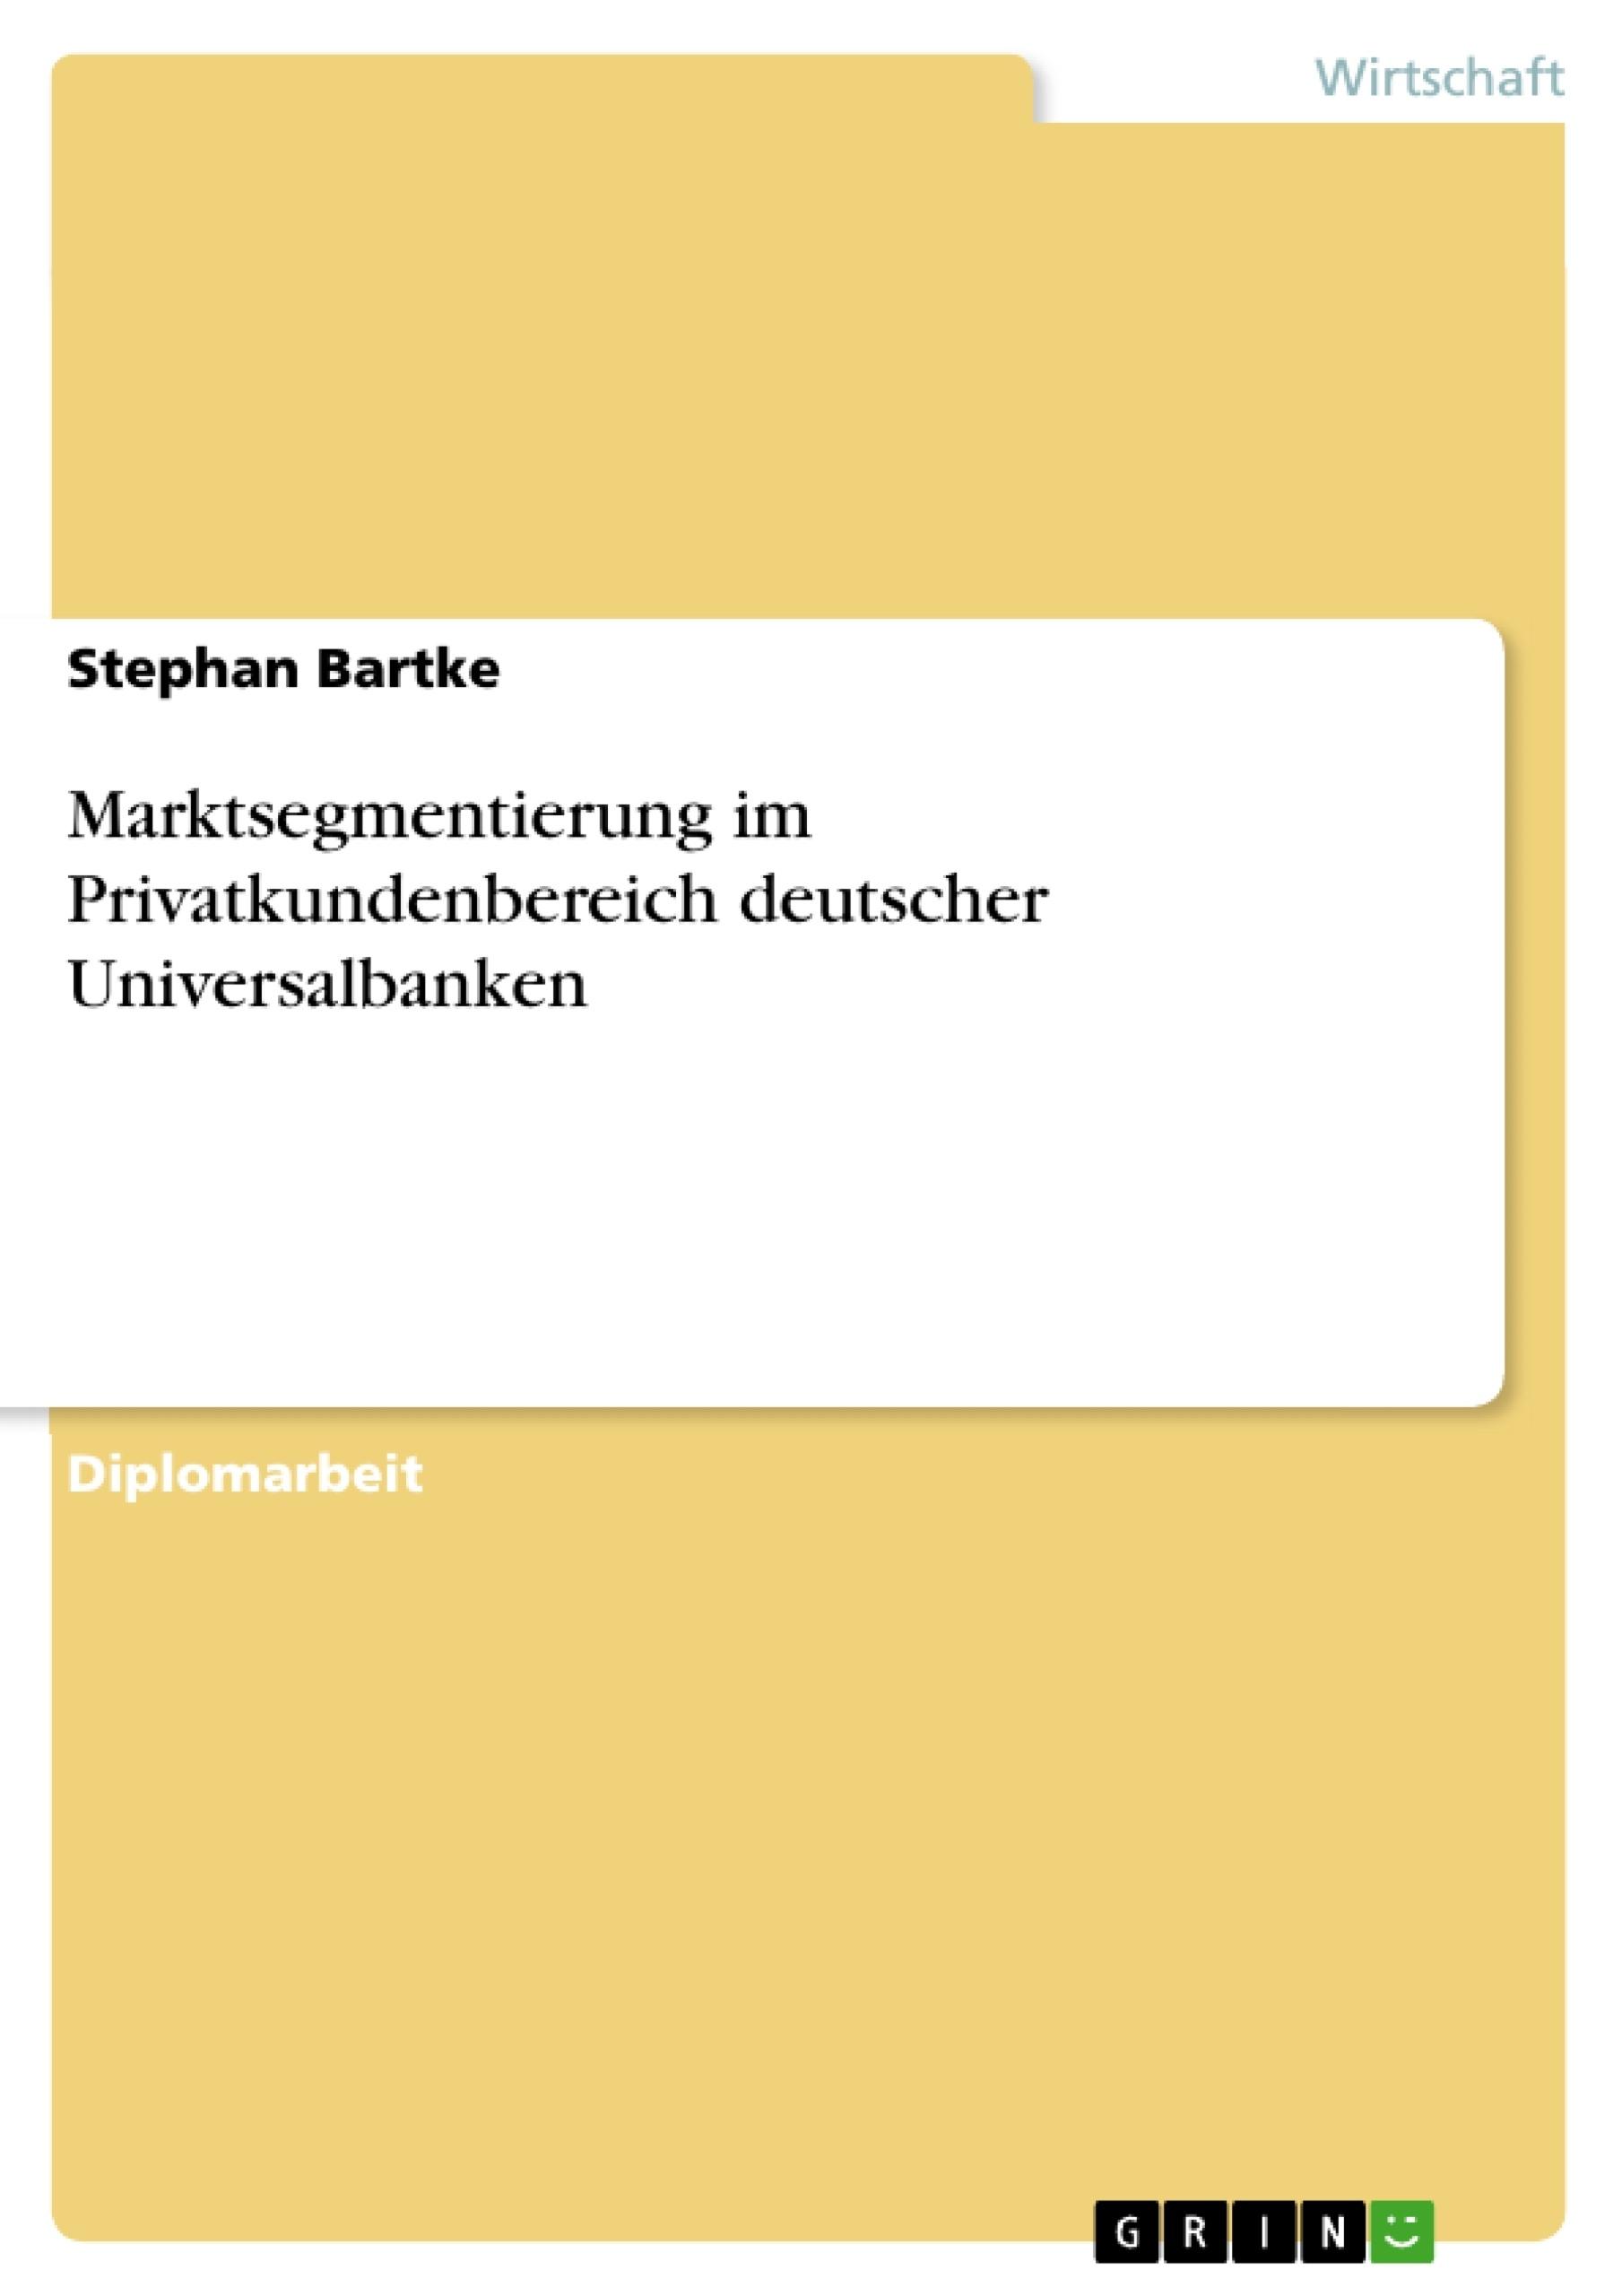 Titel: Marktsegmentierung im Privatkundenbereich deutscher Universalbanken